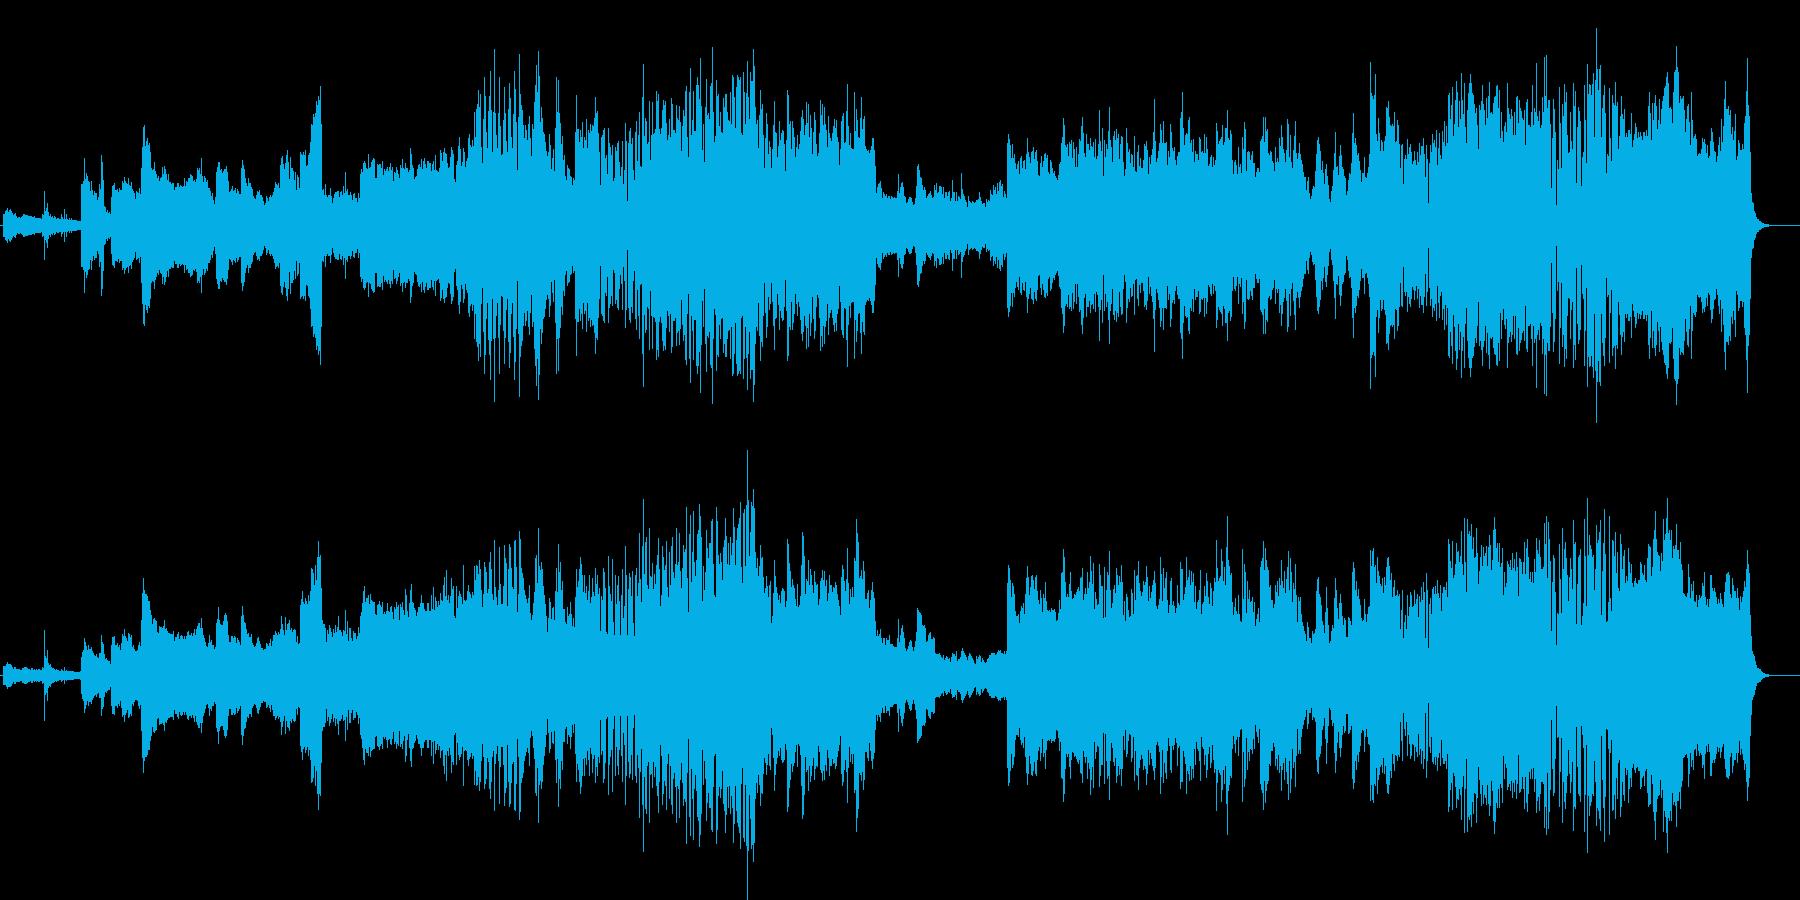 不敵なオーケストラ・アレンジの再生済みの波形